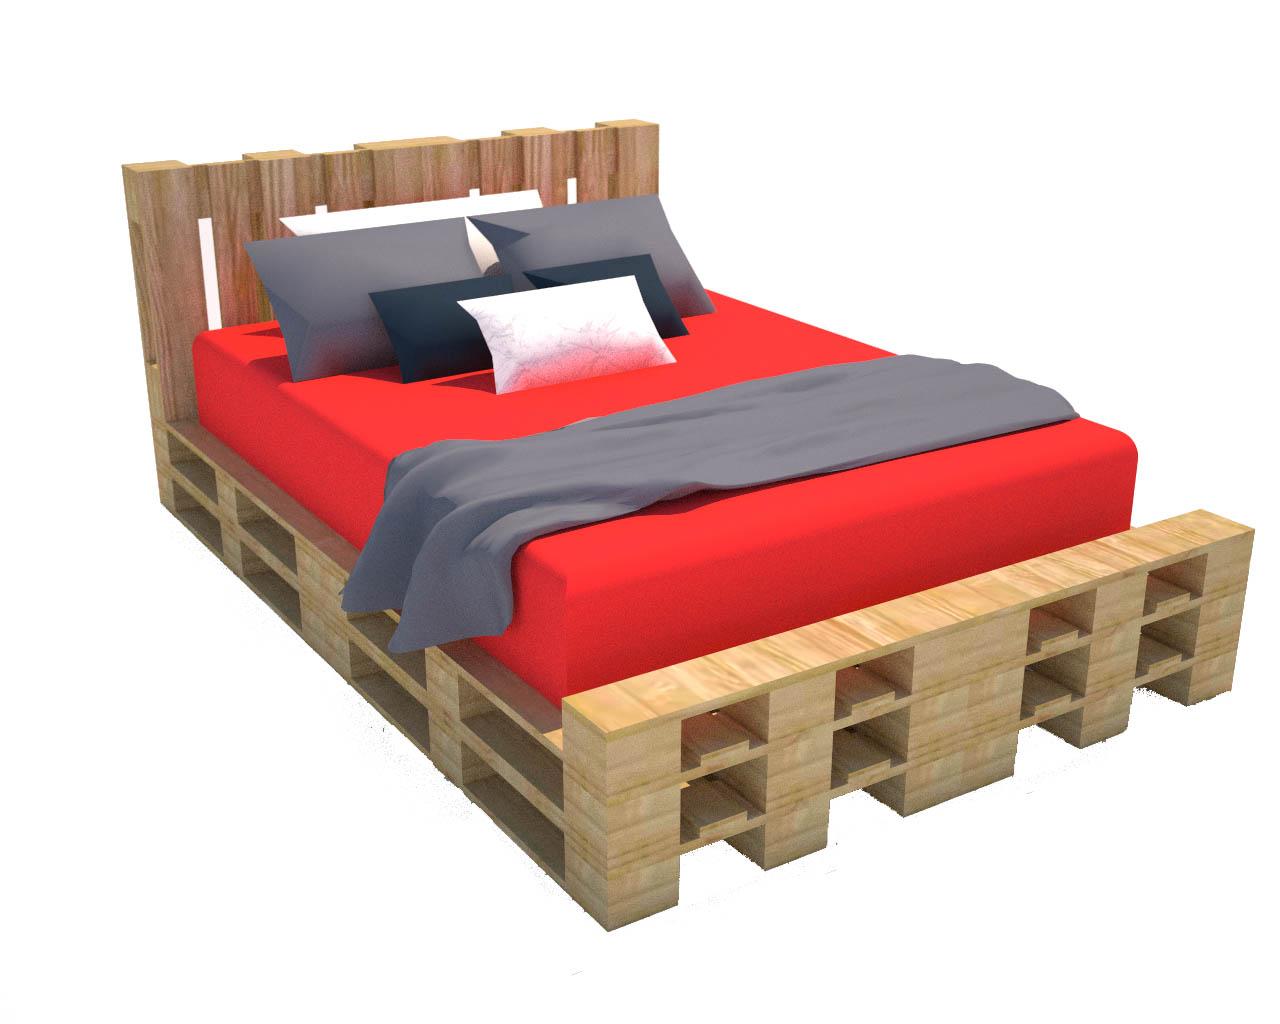 Famoso Progettare con i pallet: Come costruire un letto riciclando pallet RZ67